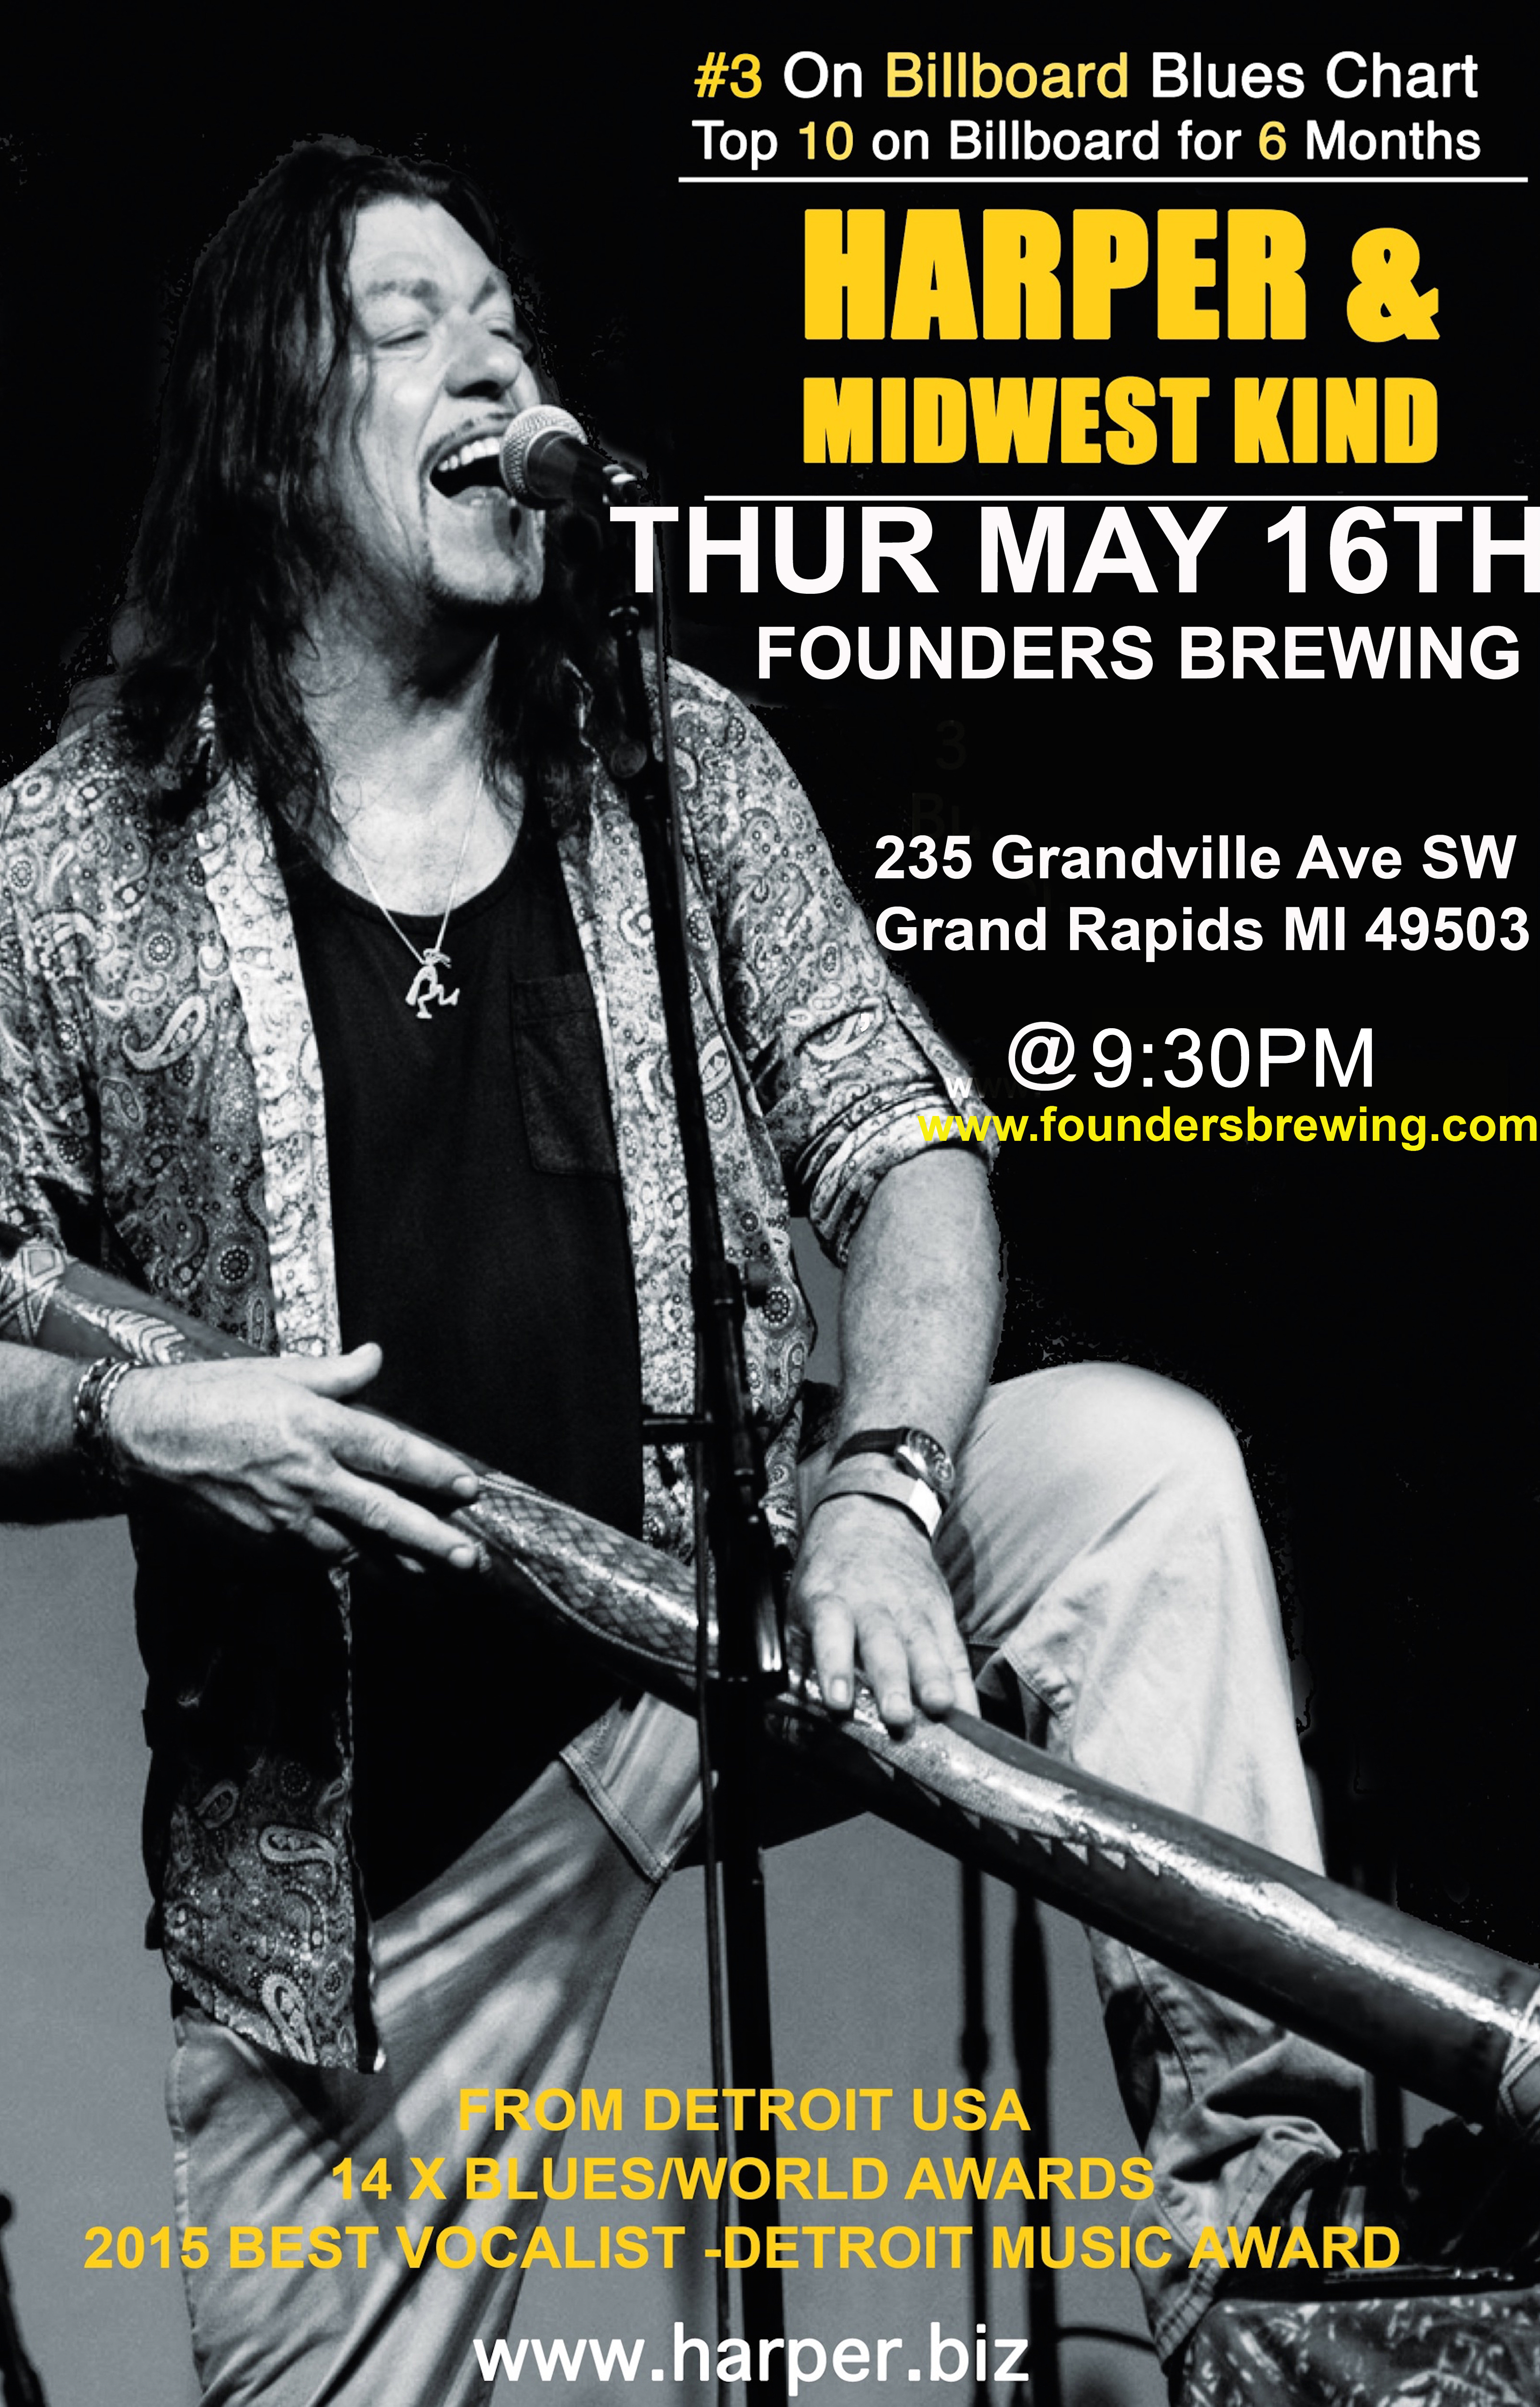 Harper & Midwest Kind event poster